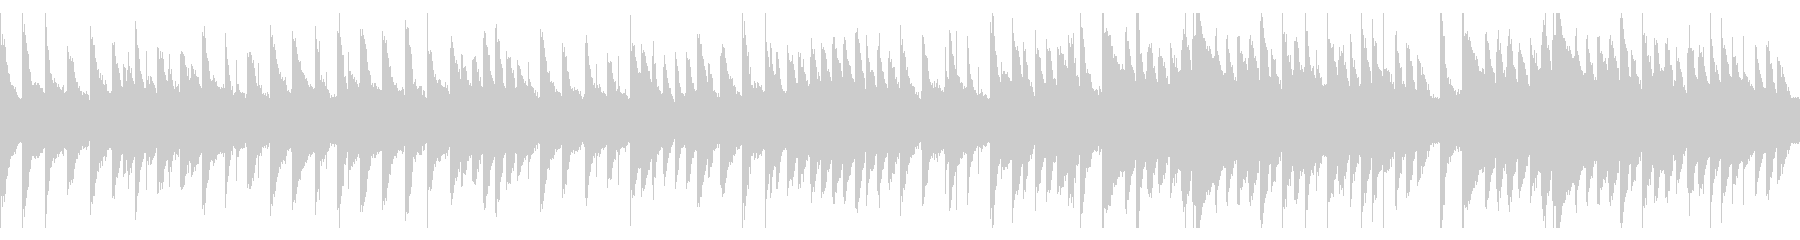 鉄琴のBGM(ループ)の未再生の波形